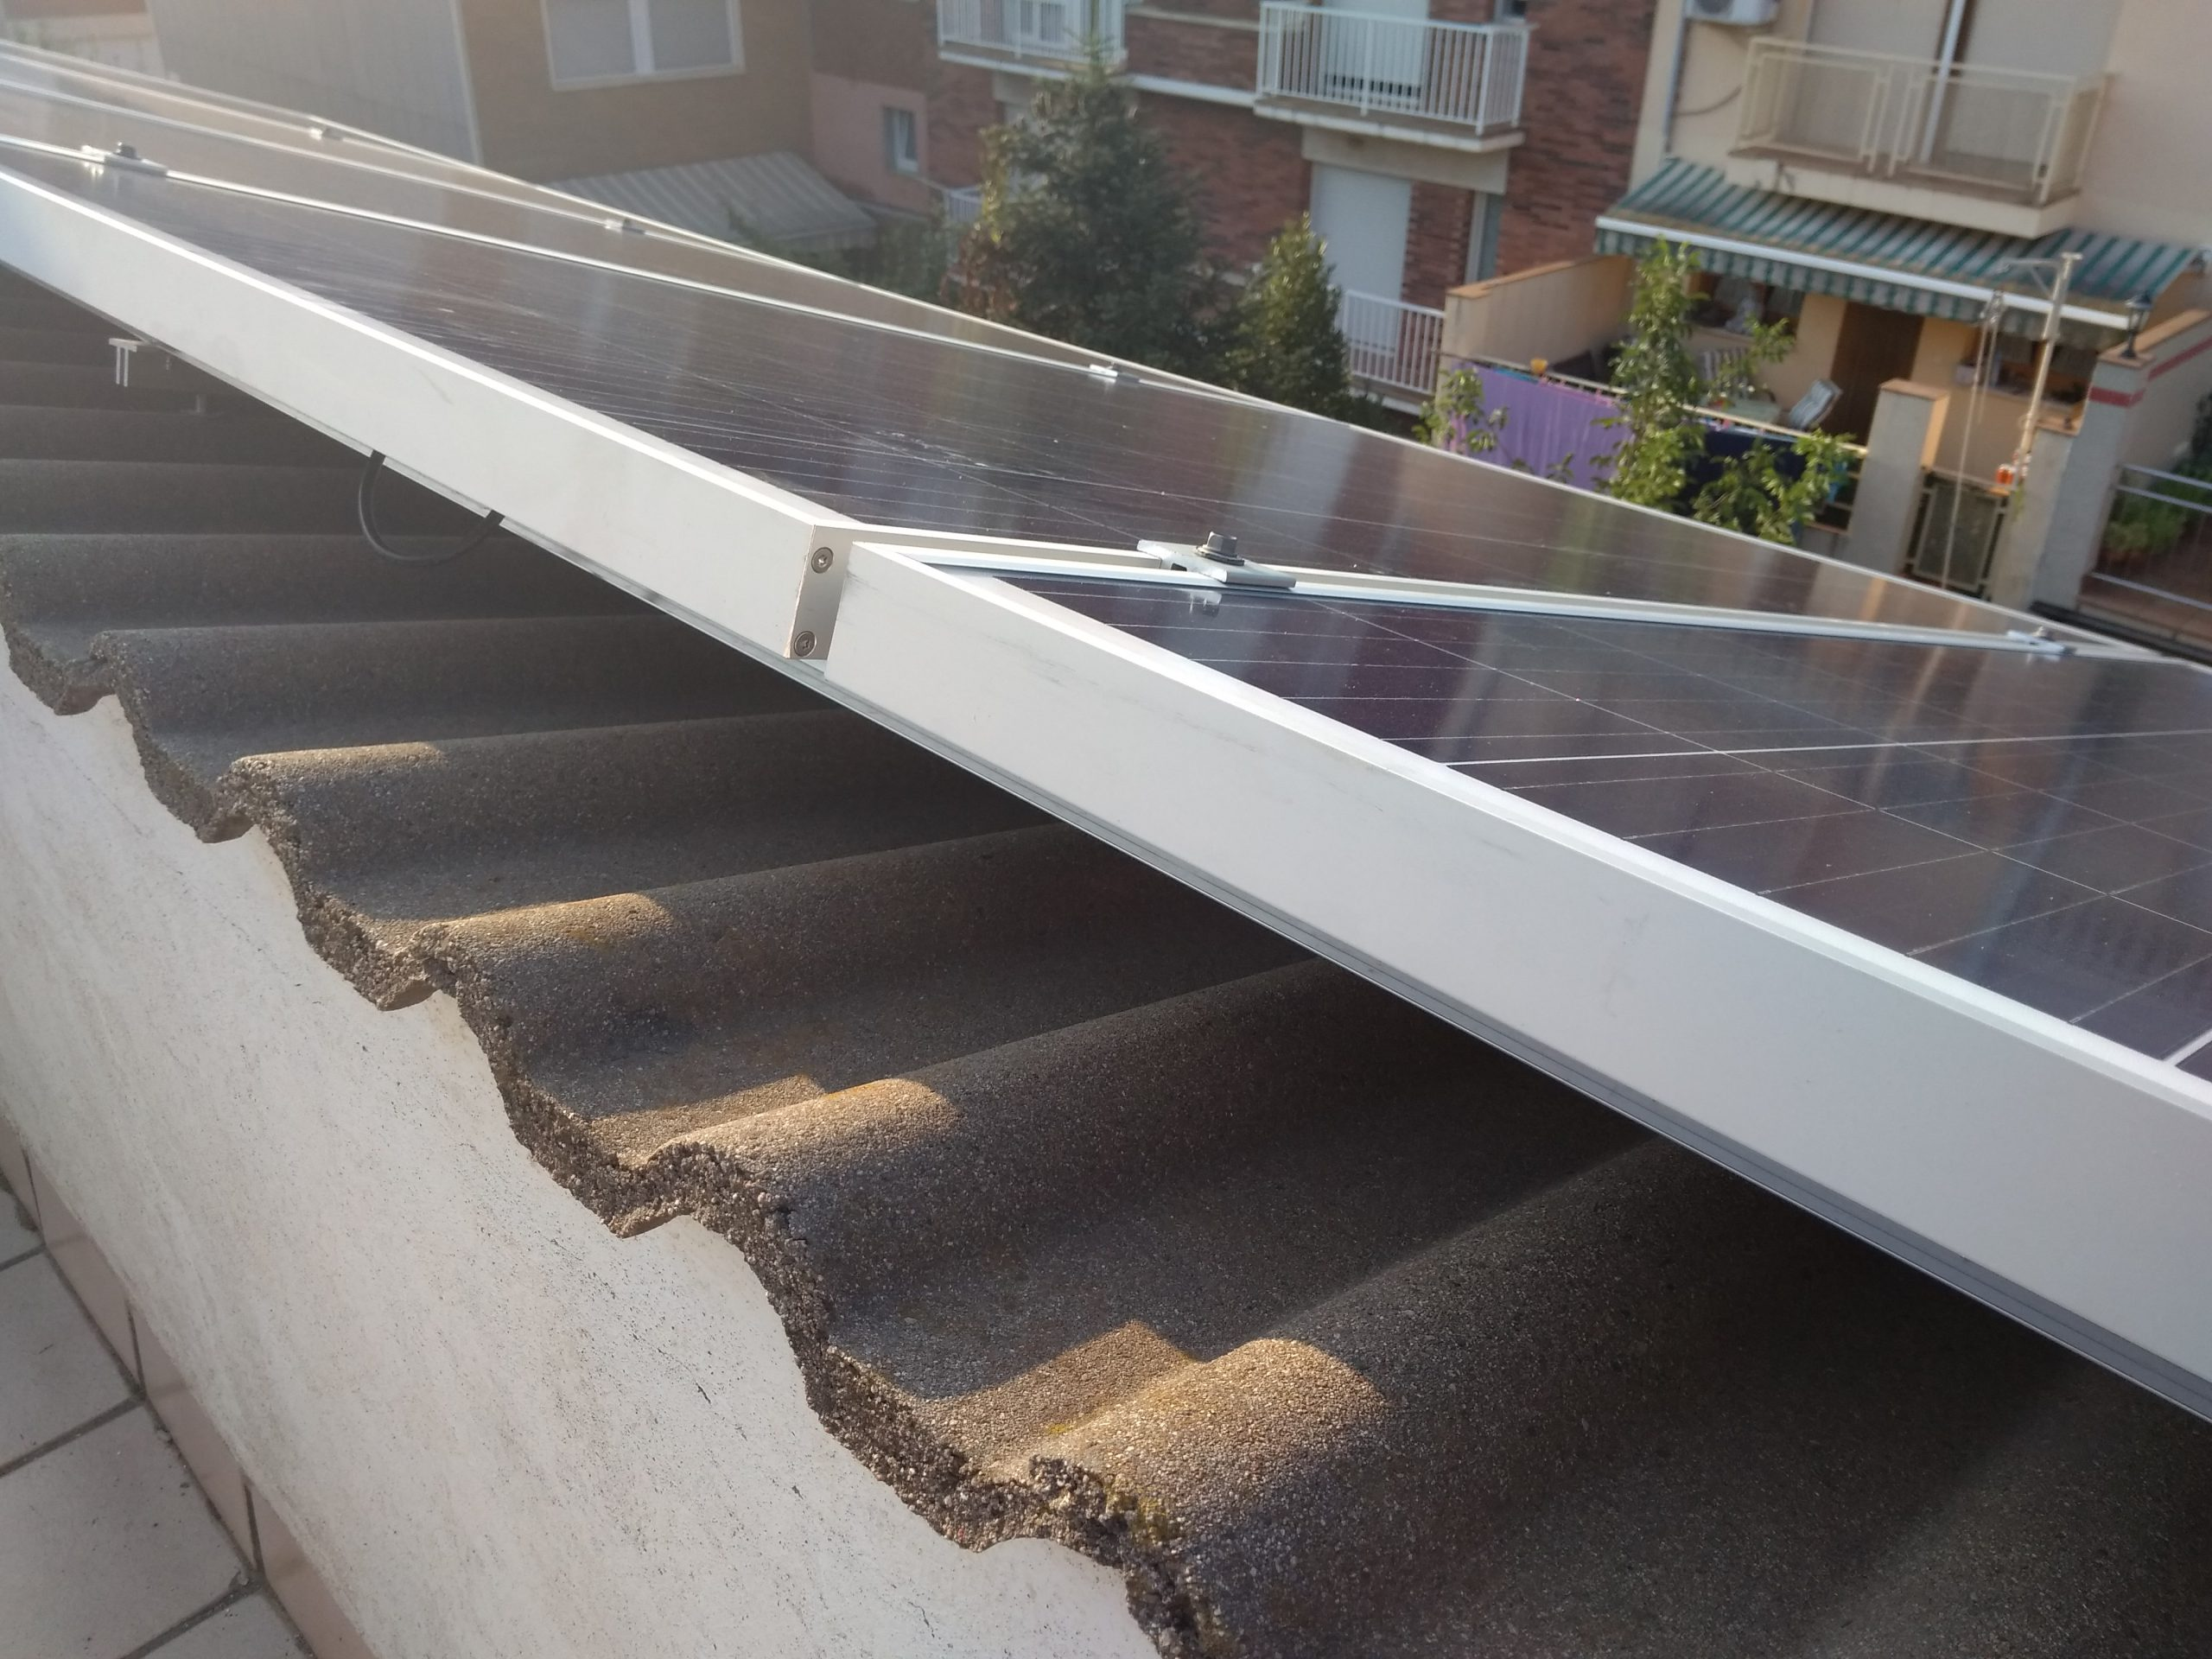 Suport de fixació sobre teula